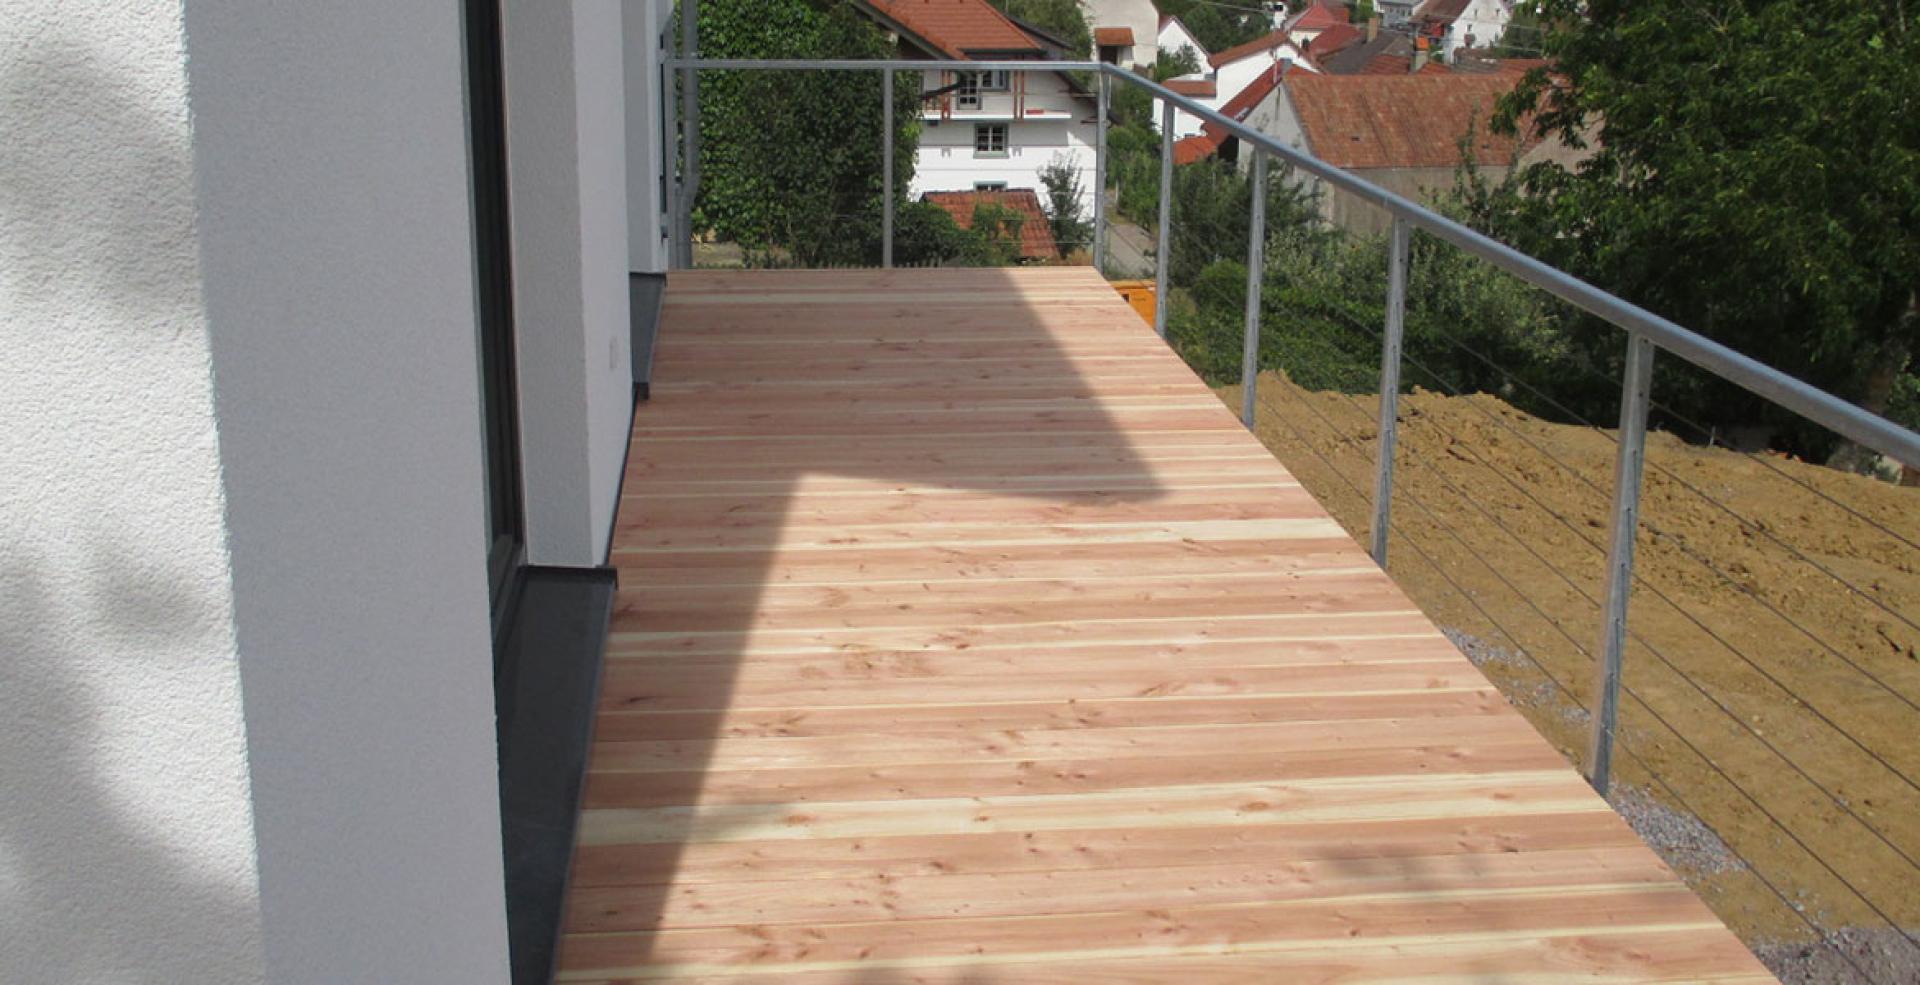 Balkonbelag Stein klrgrube kosten. gallery of gently polish reiniger und politur with